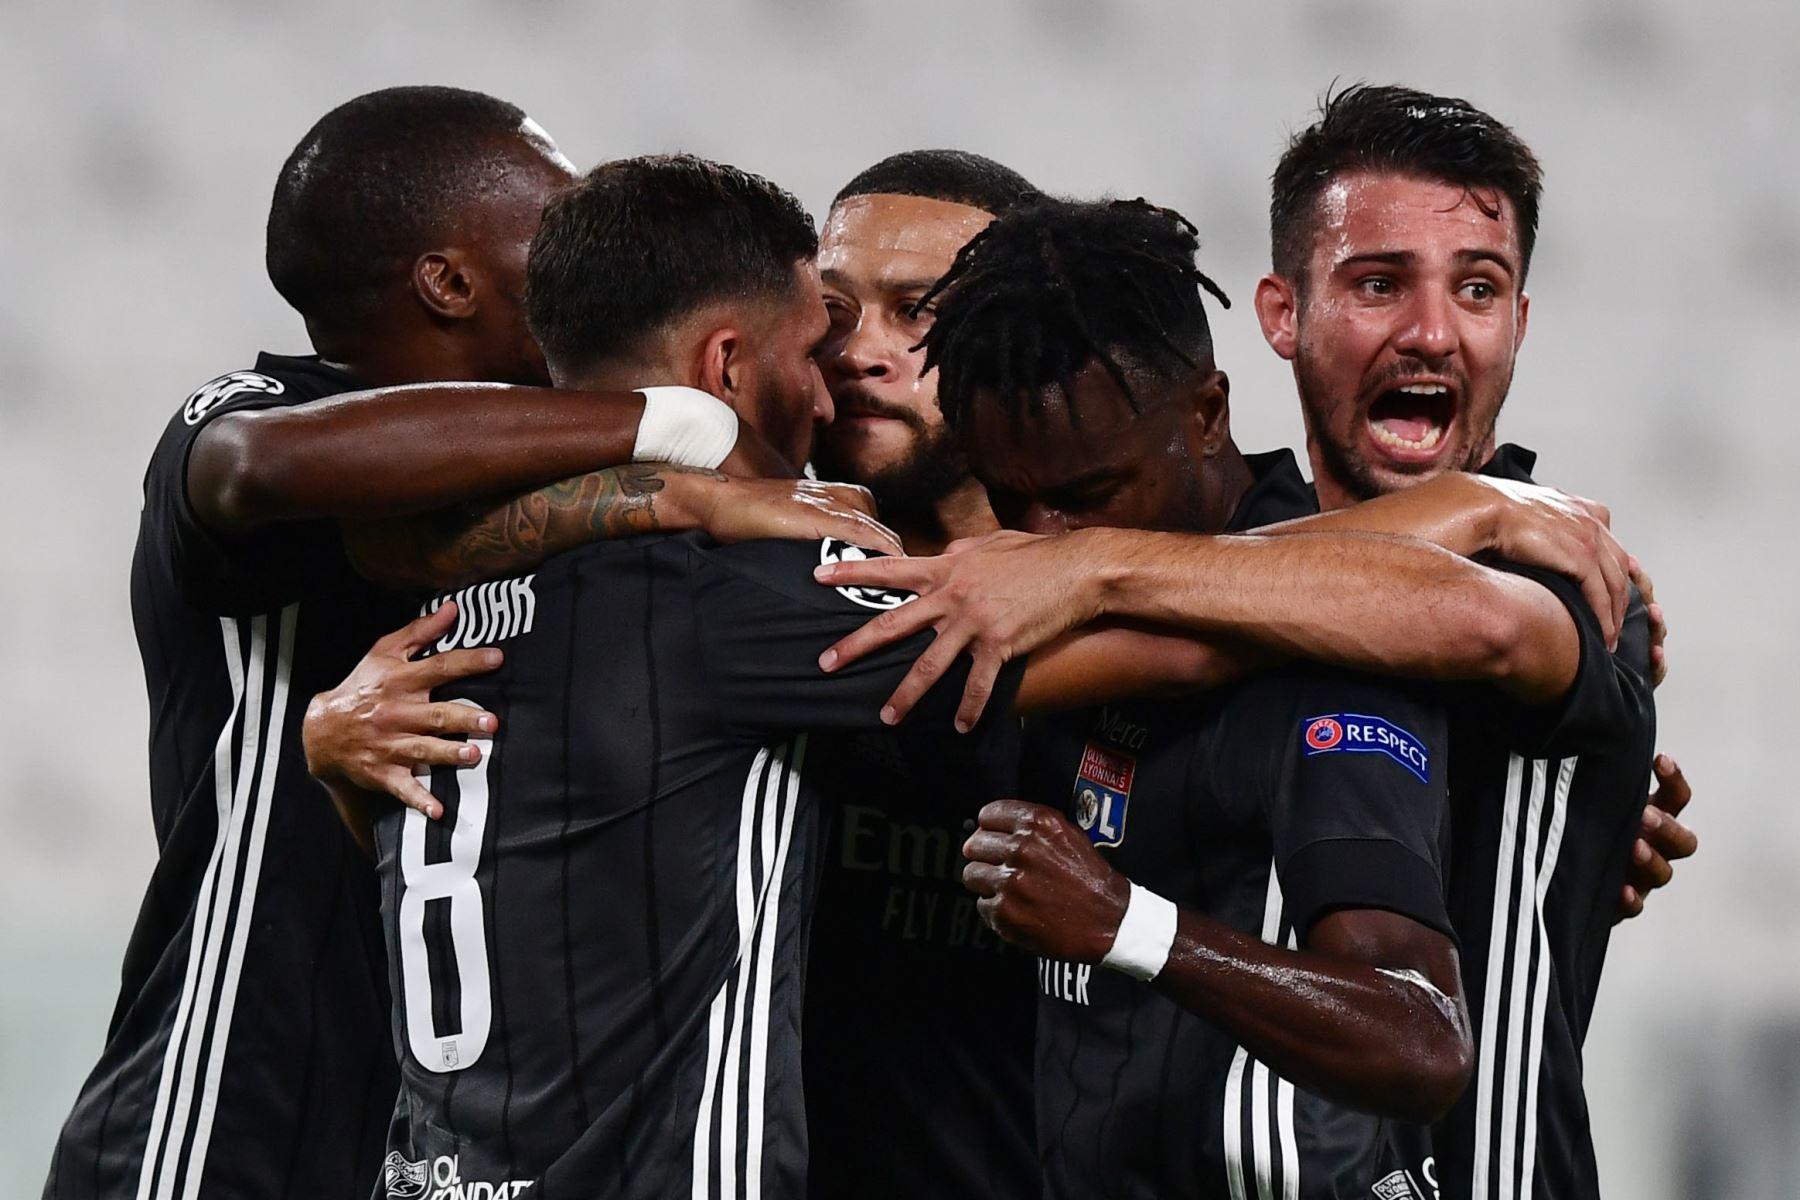 El delantero holandés del Lyon Memphis Depay celebra al anotar el primer gol de su equipo durante los octavos de final de la Liga de Campeones de la UEFA del partido de vuelta entre la Juventus y el  Lyon. Foto: AFP